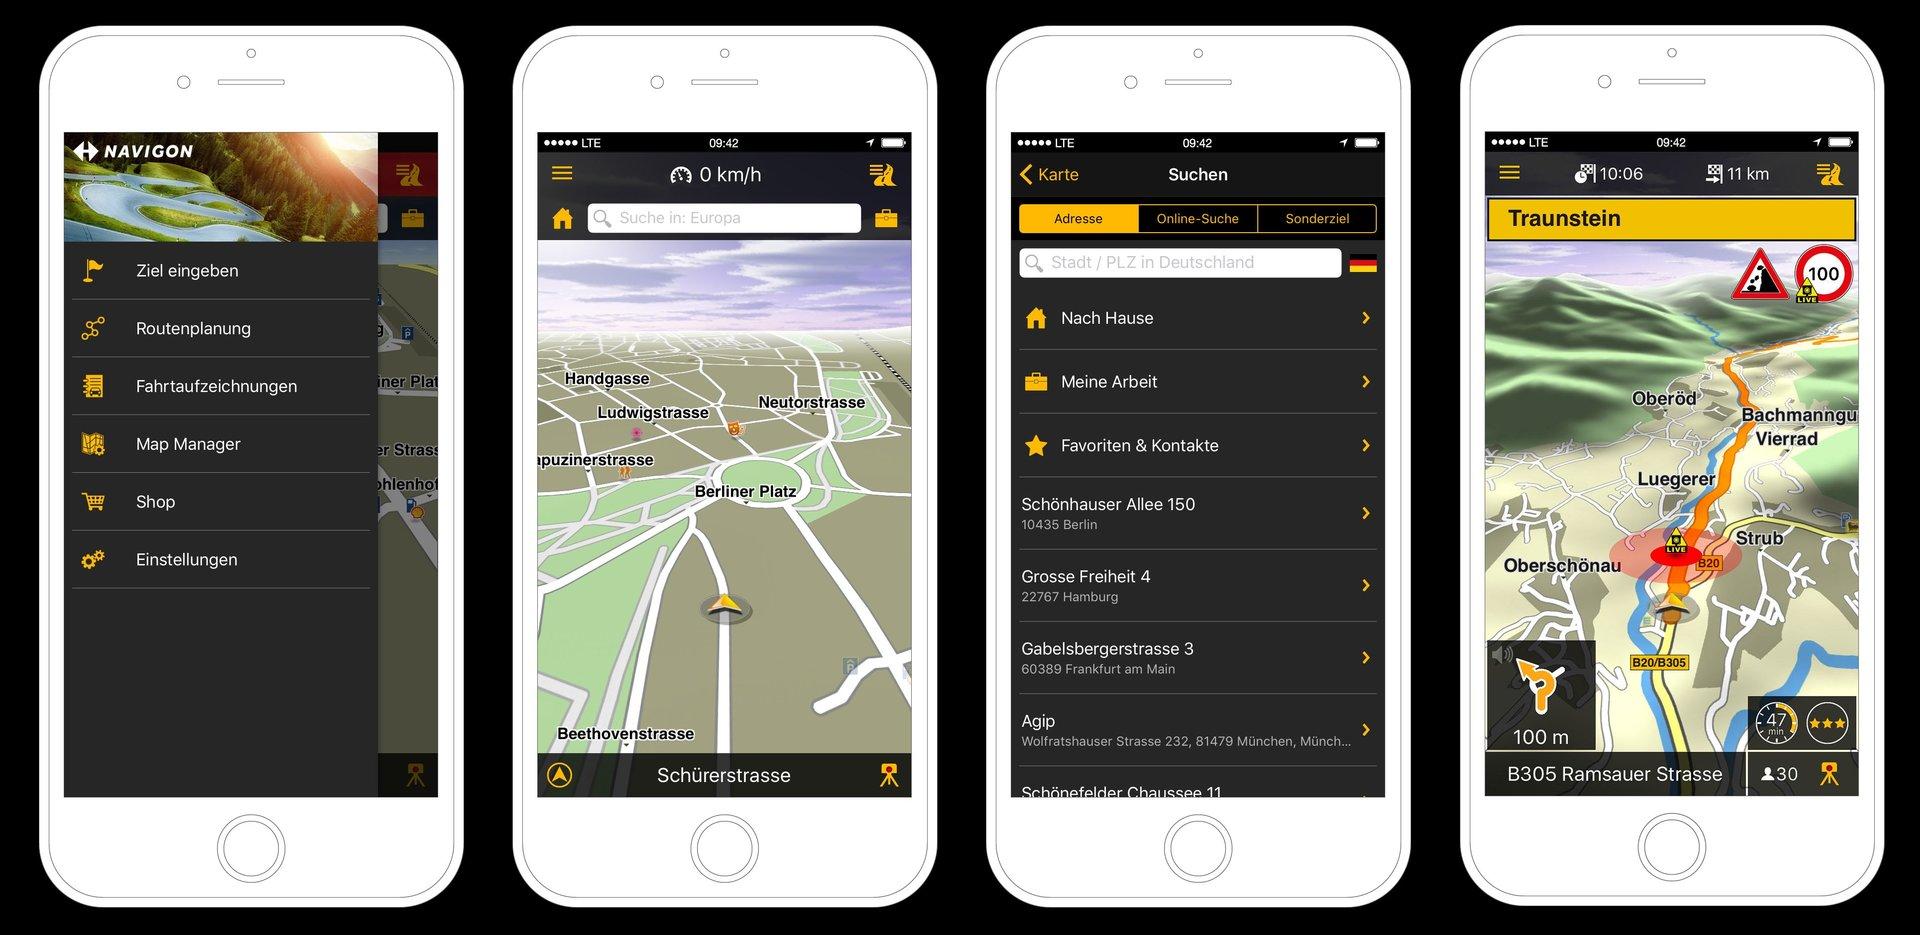 Das neue Garmin Navigon für iOS